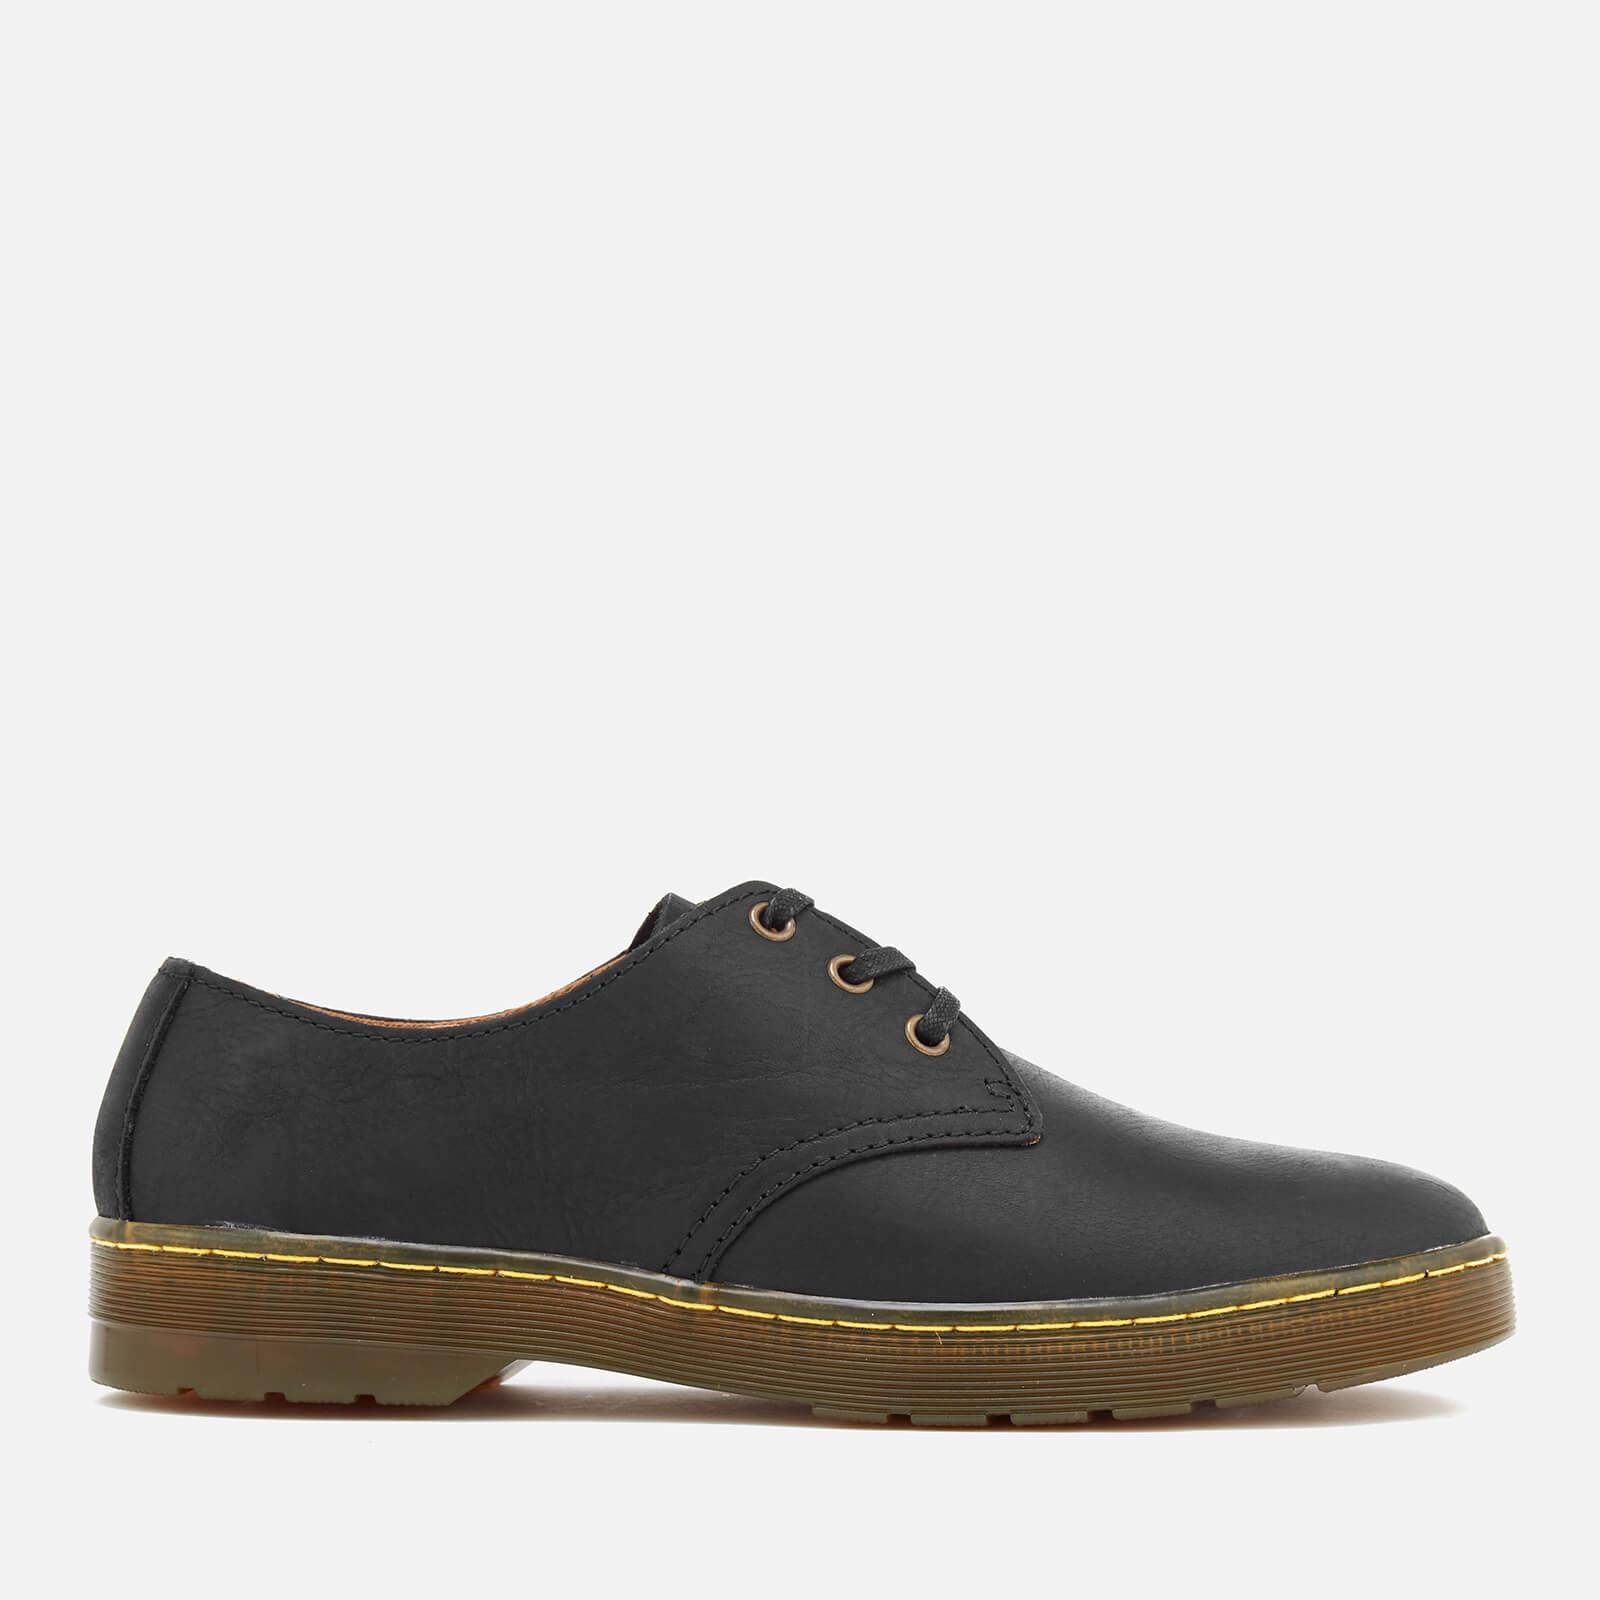 Dr. Martens Men's Cruise Coronado Leather Derby Shoes - Black - UK 10 - Black